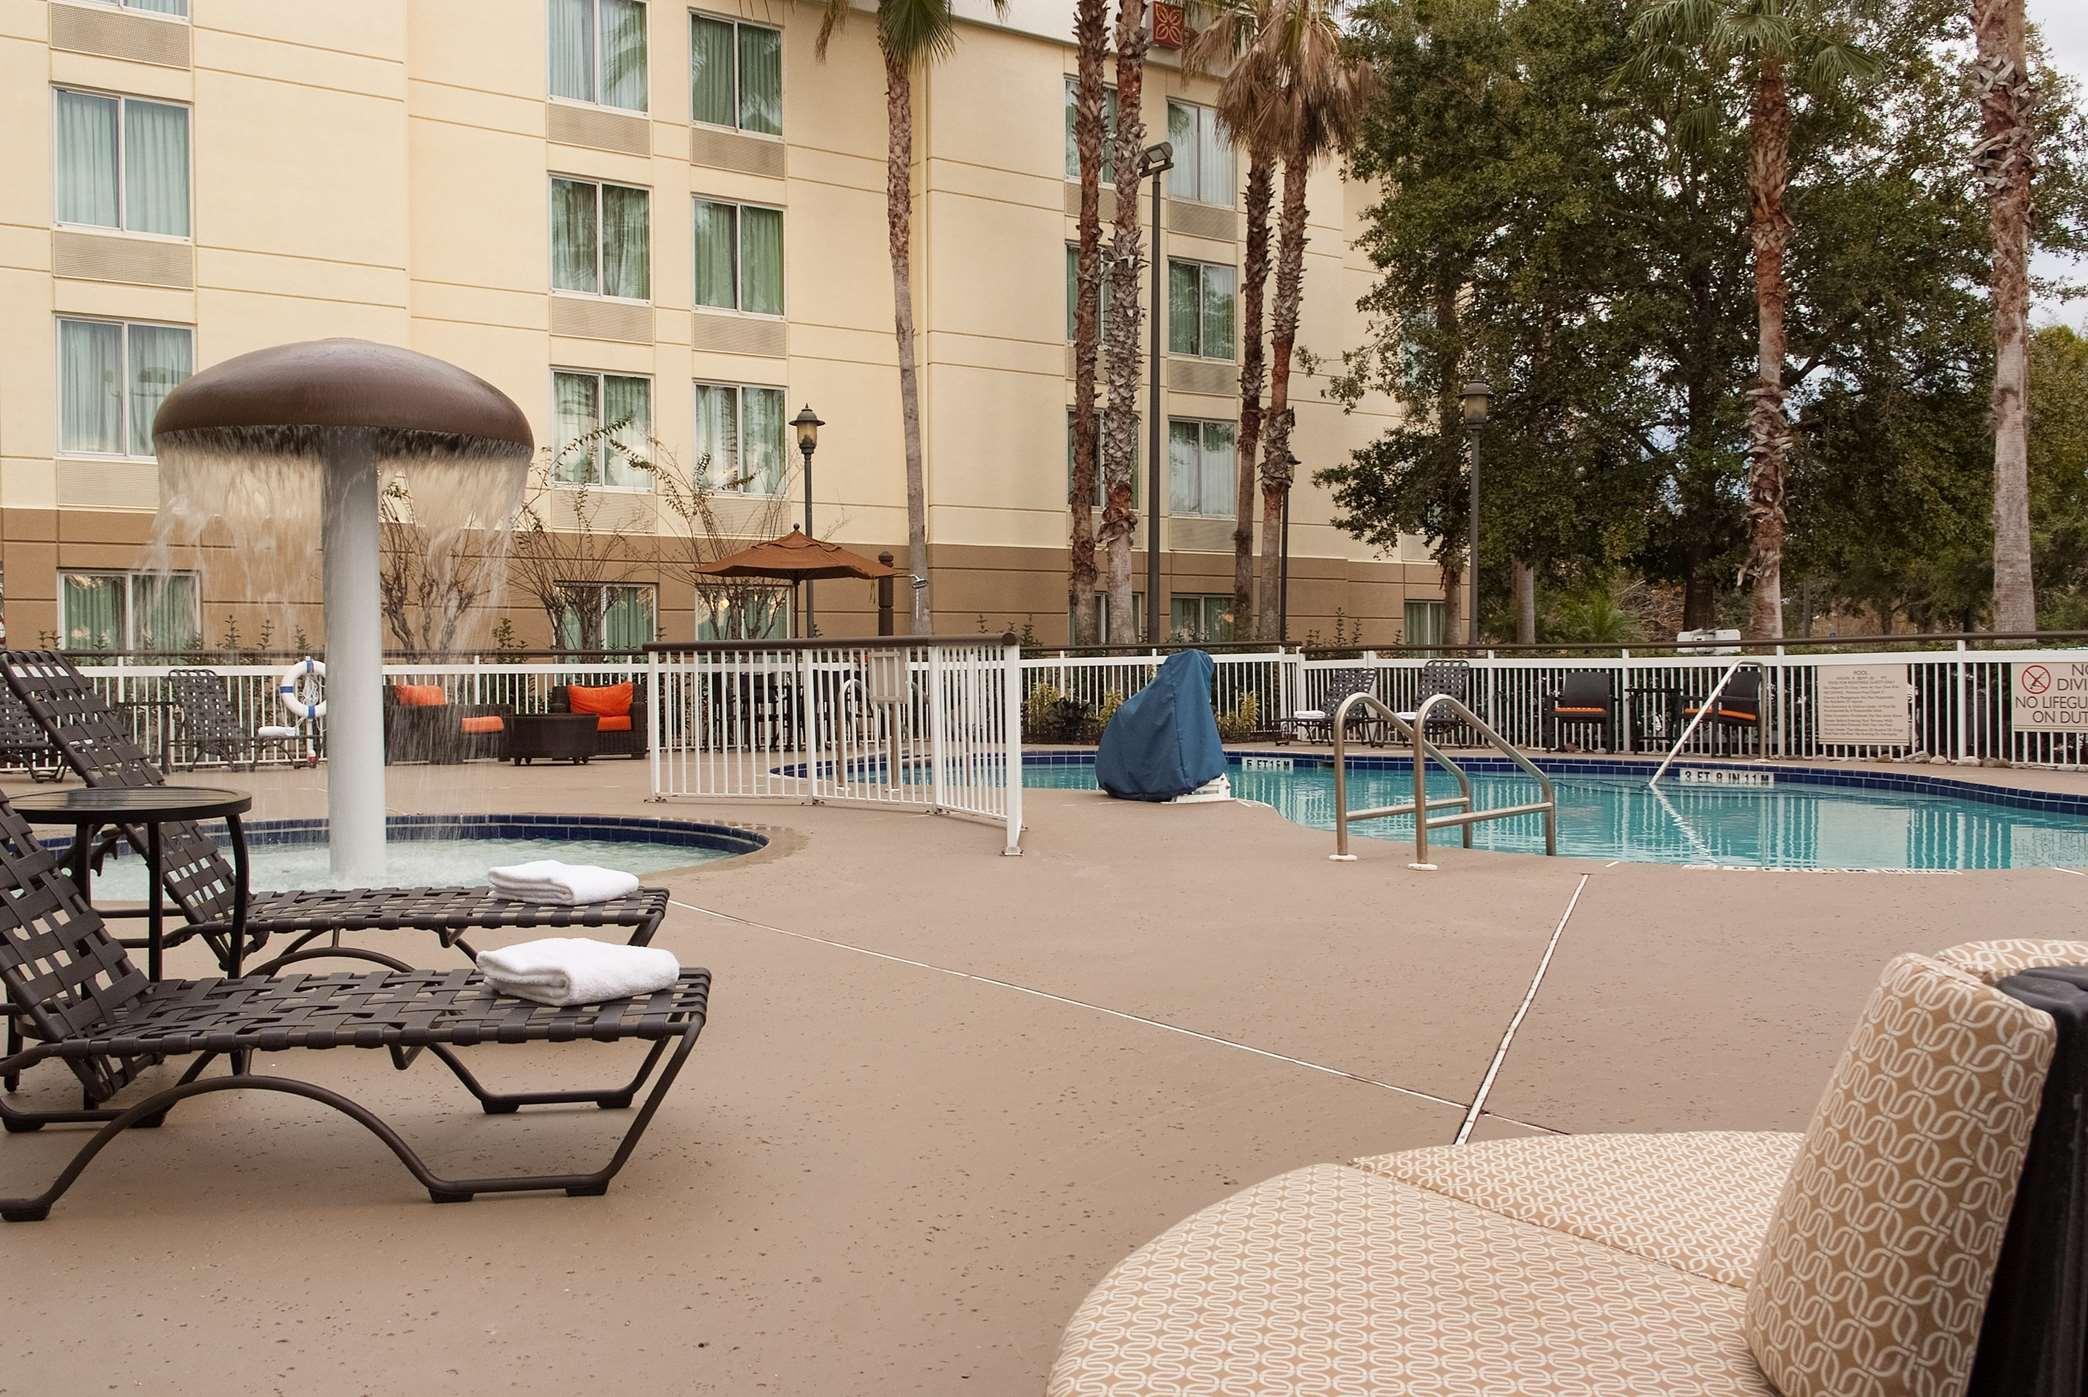 Hilton Garden Inn Orlando Airport Coupons Orlando Fl Near Me 8coupons